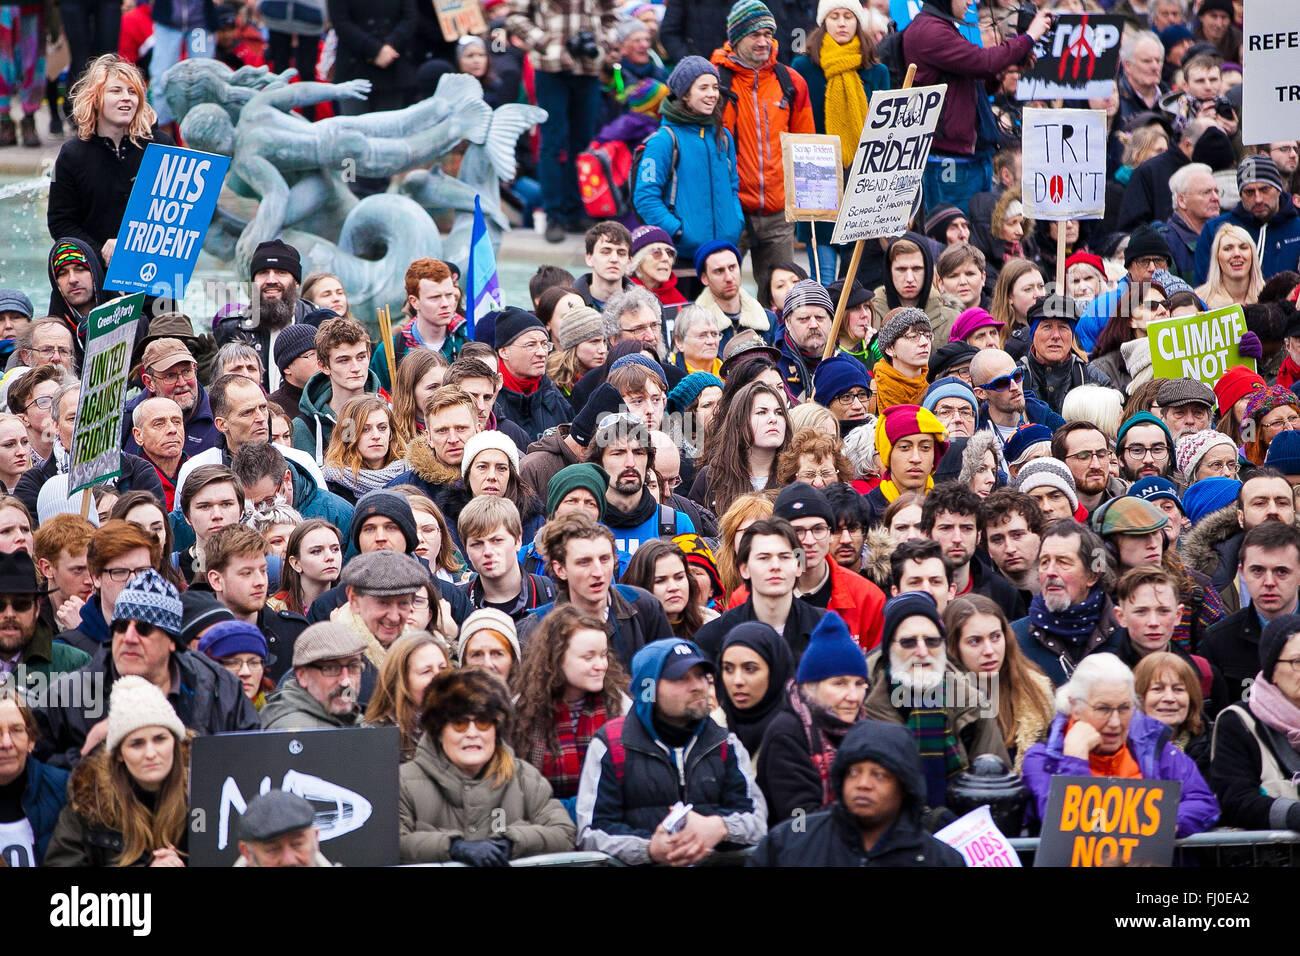 Londres, Royaume-Uni. Feb 27, 2016. Des milliers de personnes, rejoint par des responsables politiques, y compris Jeremy Corbyn et Nicola Sturgeon, et les dirigeants des syndicats de masse assister à une manifestation nationale contre le renouvellement d'armes nucléaires Trident dans la région de Marble Arch et de rassemblement à Trafalgar Square. La manifestation organisée par la campagne pour le désarmement nucléaire et appuyé par Coalition contre la guerre. Credit: Dinendra Haria/Alamy Live News Banque D'Images